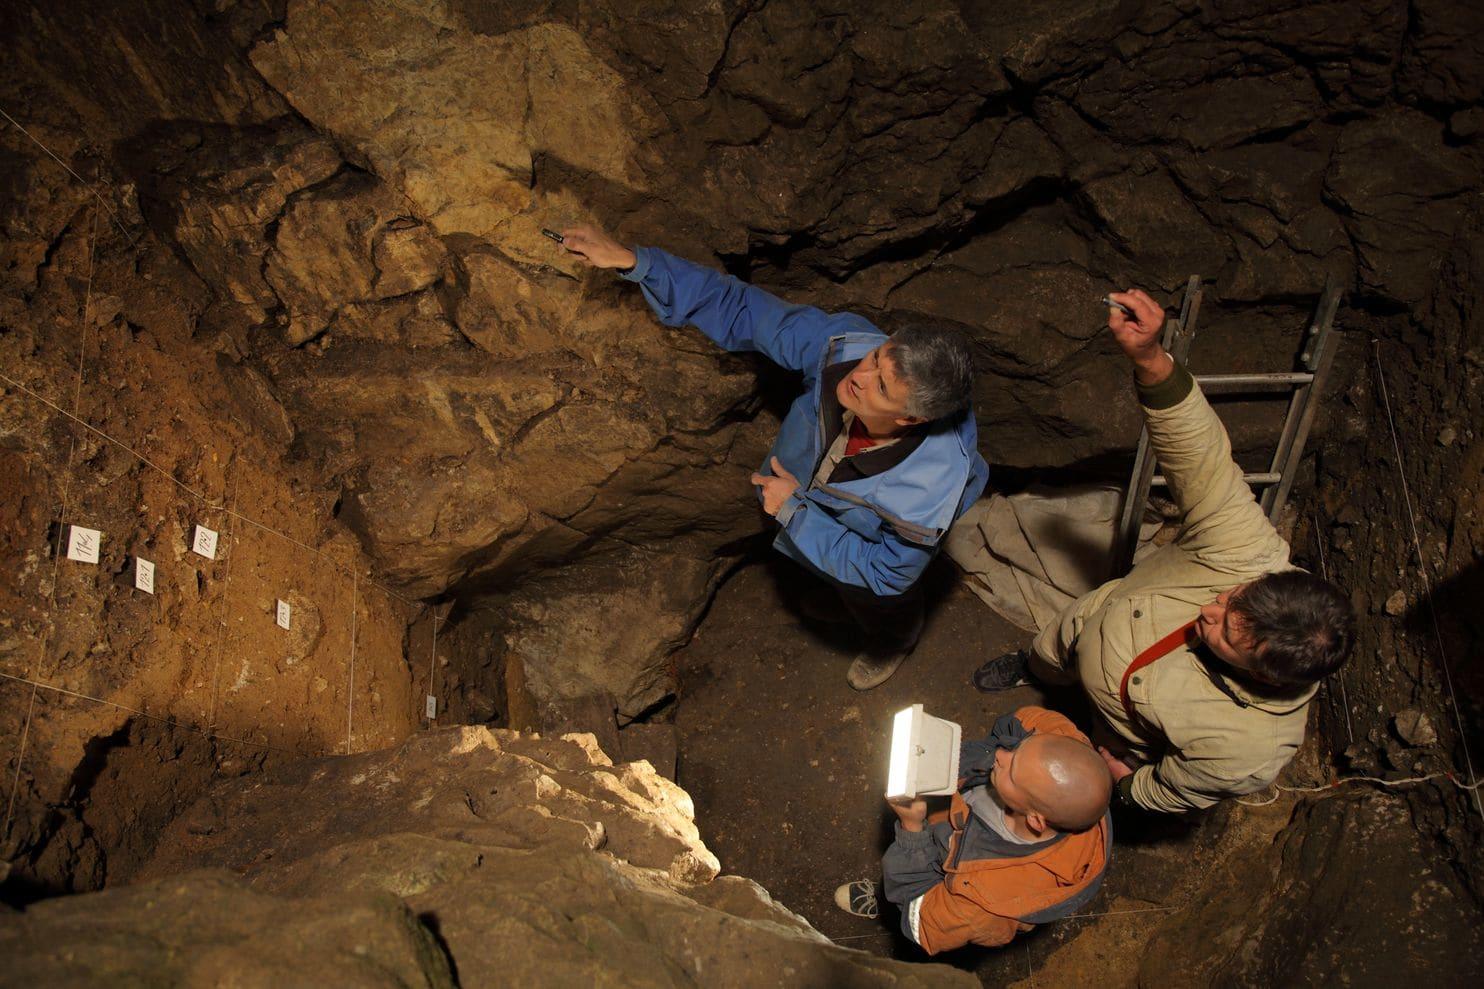 качестве примера археологические находки в пещере во франции фото должно содержать крупных